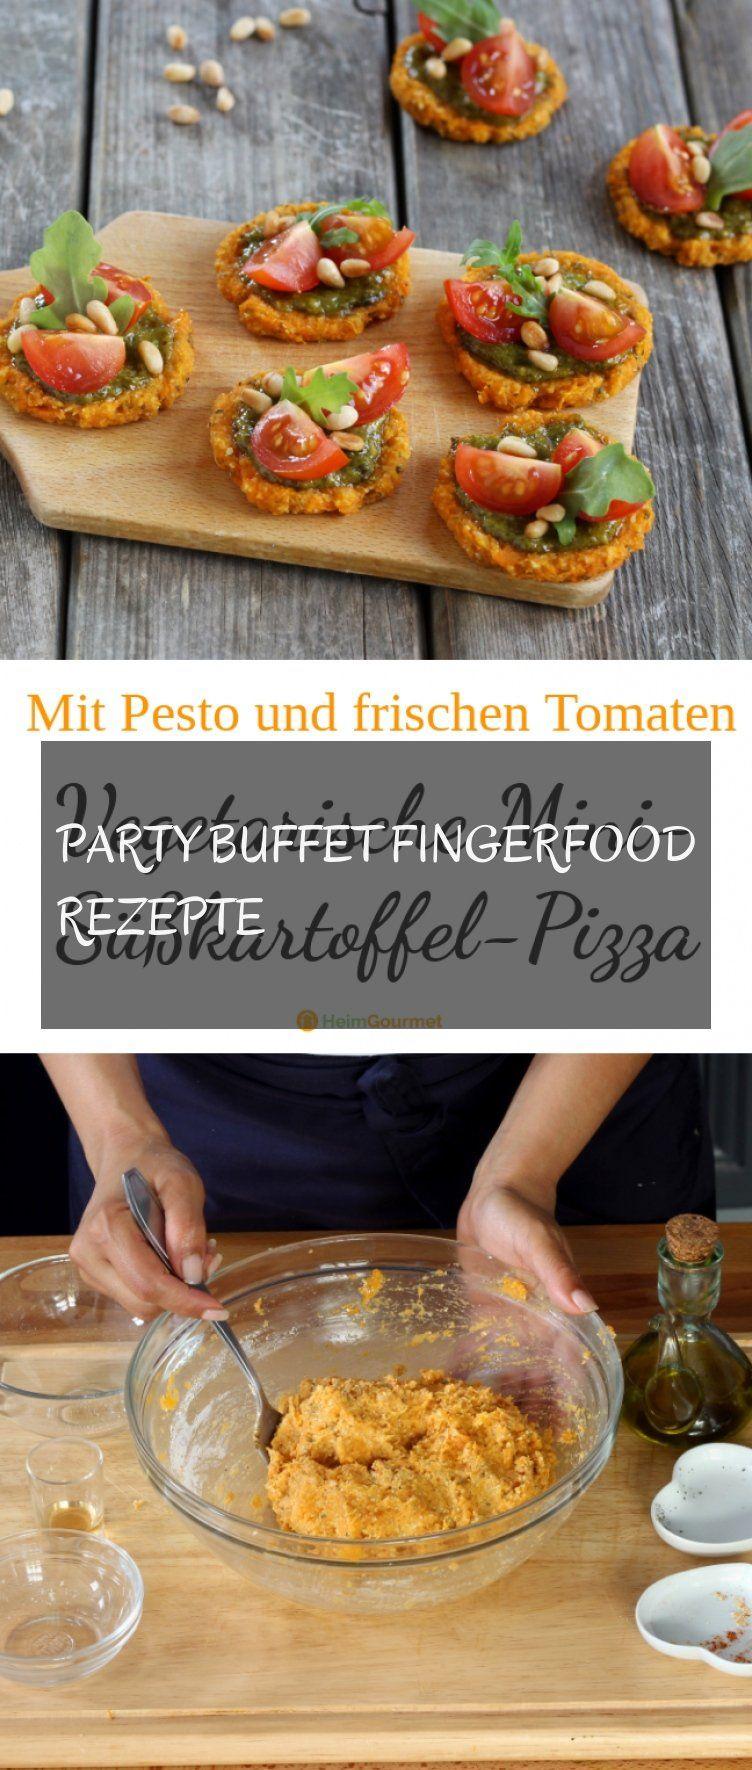 partybuffet fingerfood rezepte , 09.20.2019